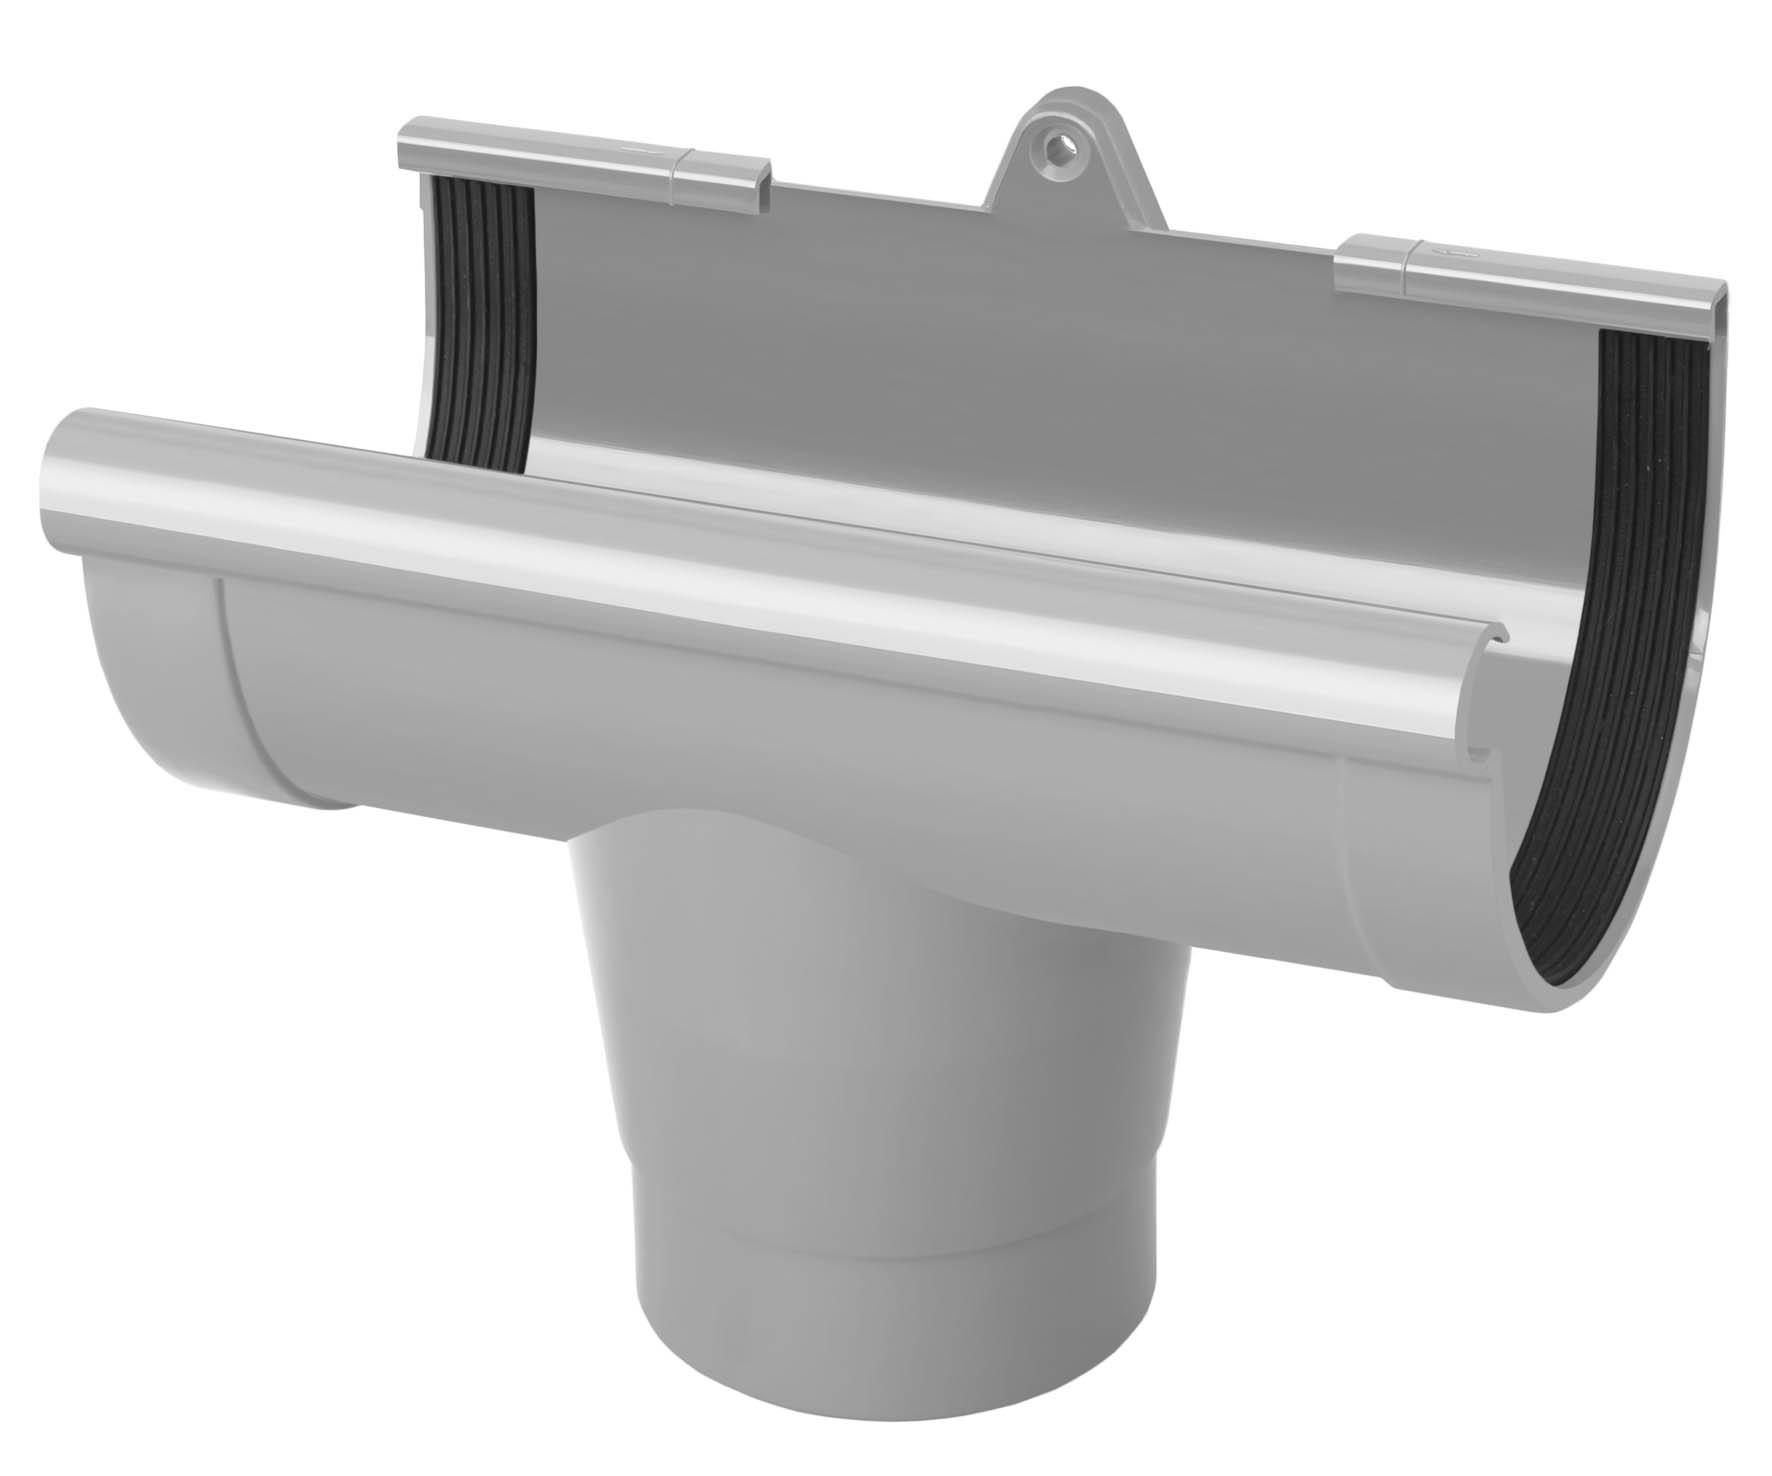 PVC RainWay Regenrinnensystem Regenwasser Regenrinne RINNENSTUTZE Durchmesser:130 mm Farbe:Braun